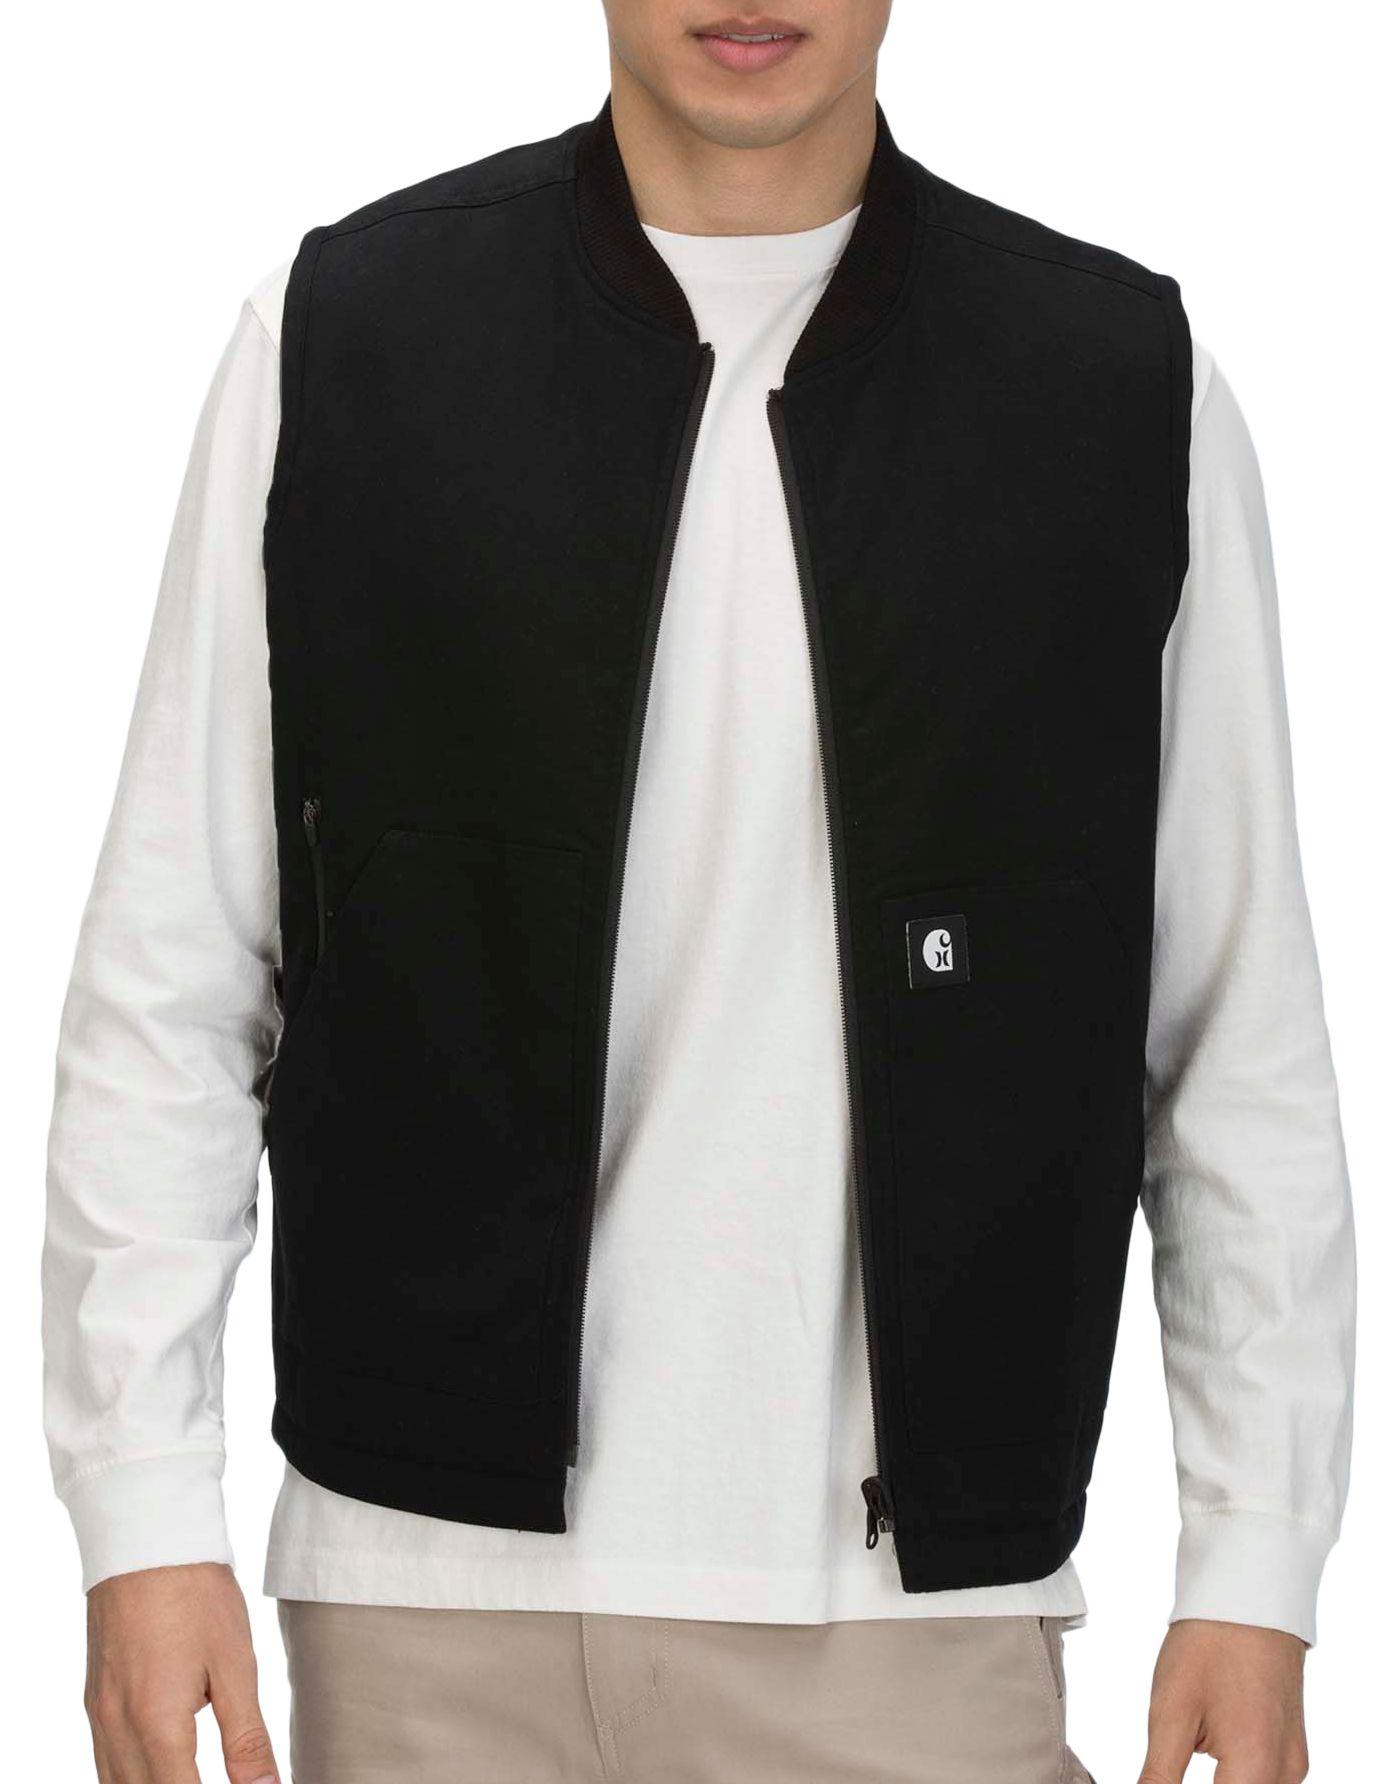 Hurley Men's Carhartt Full Zip Vest